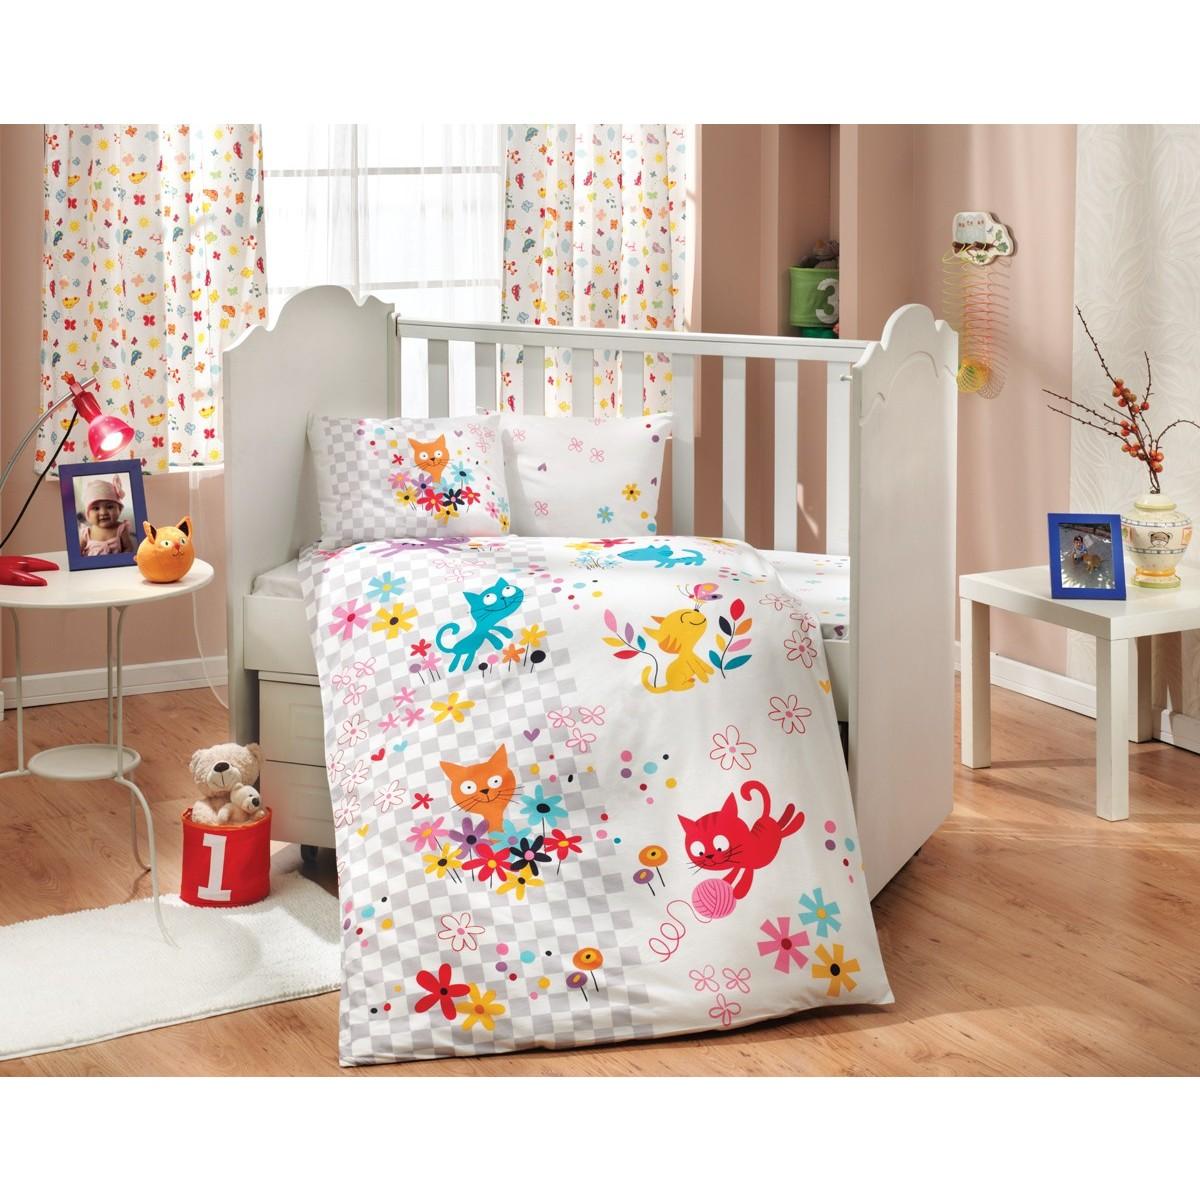 Комплект Постельного Белья В Кроватку Hobby Home Collection Mirmir 1607000165 Поплин